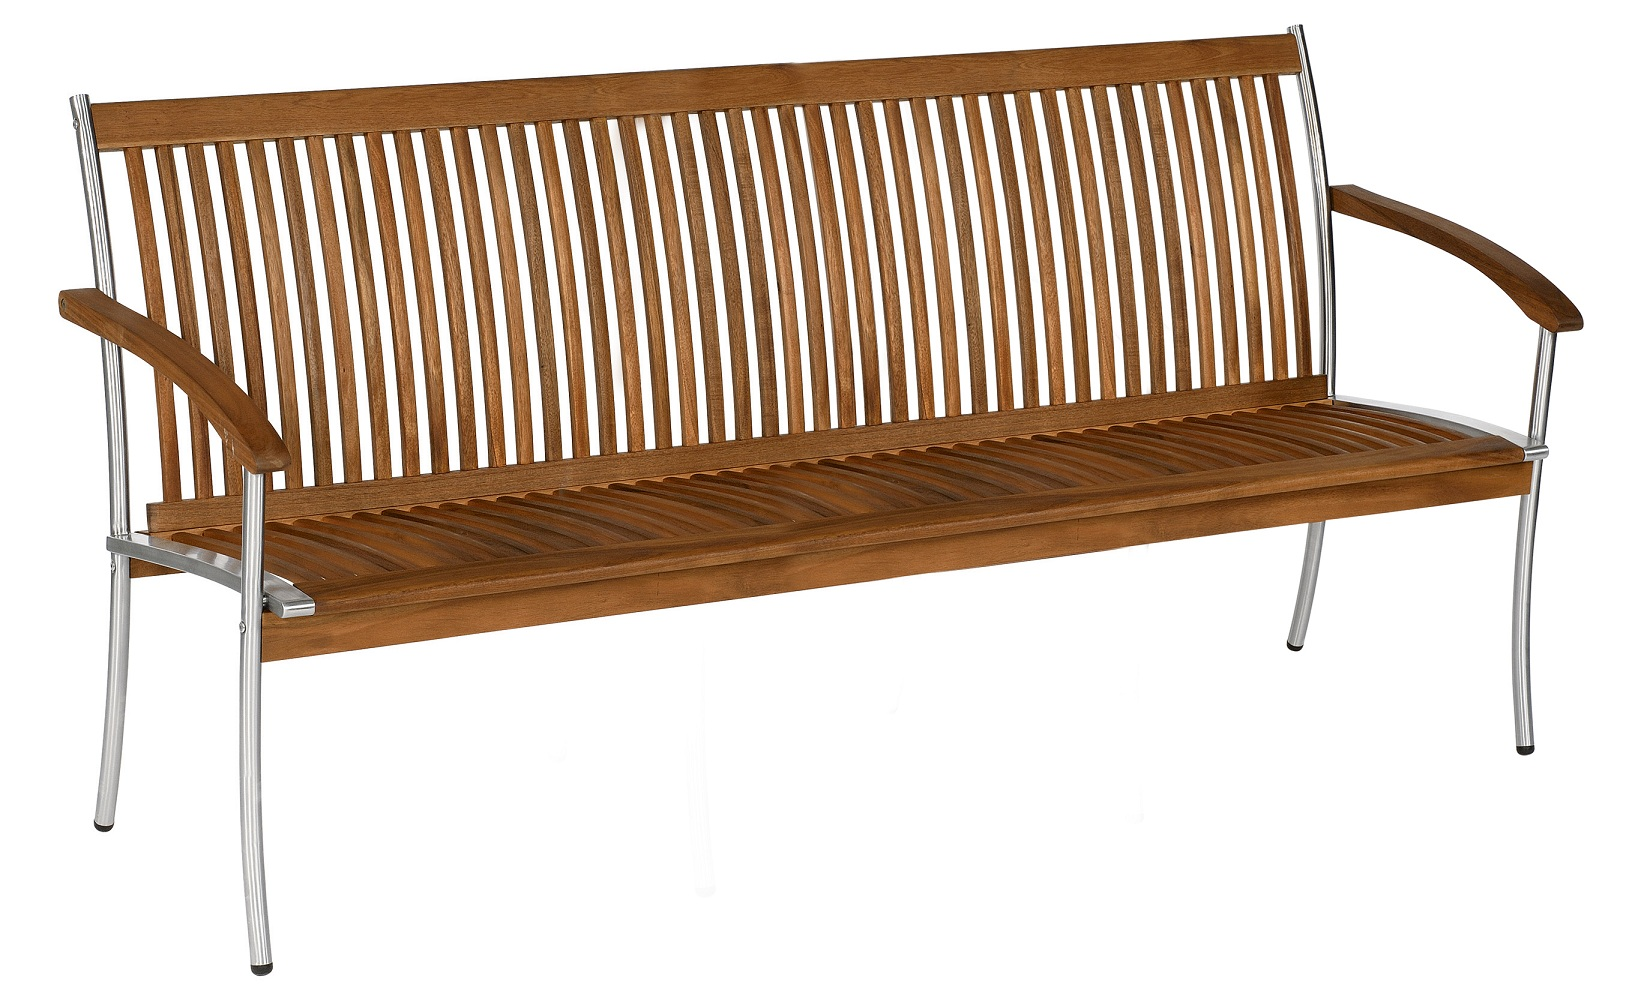 edelstahl gartenbank g nstig kaufen. Black Bedroom Furniture Sets. Home Design Ideas